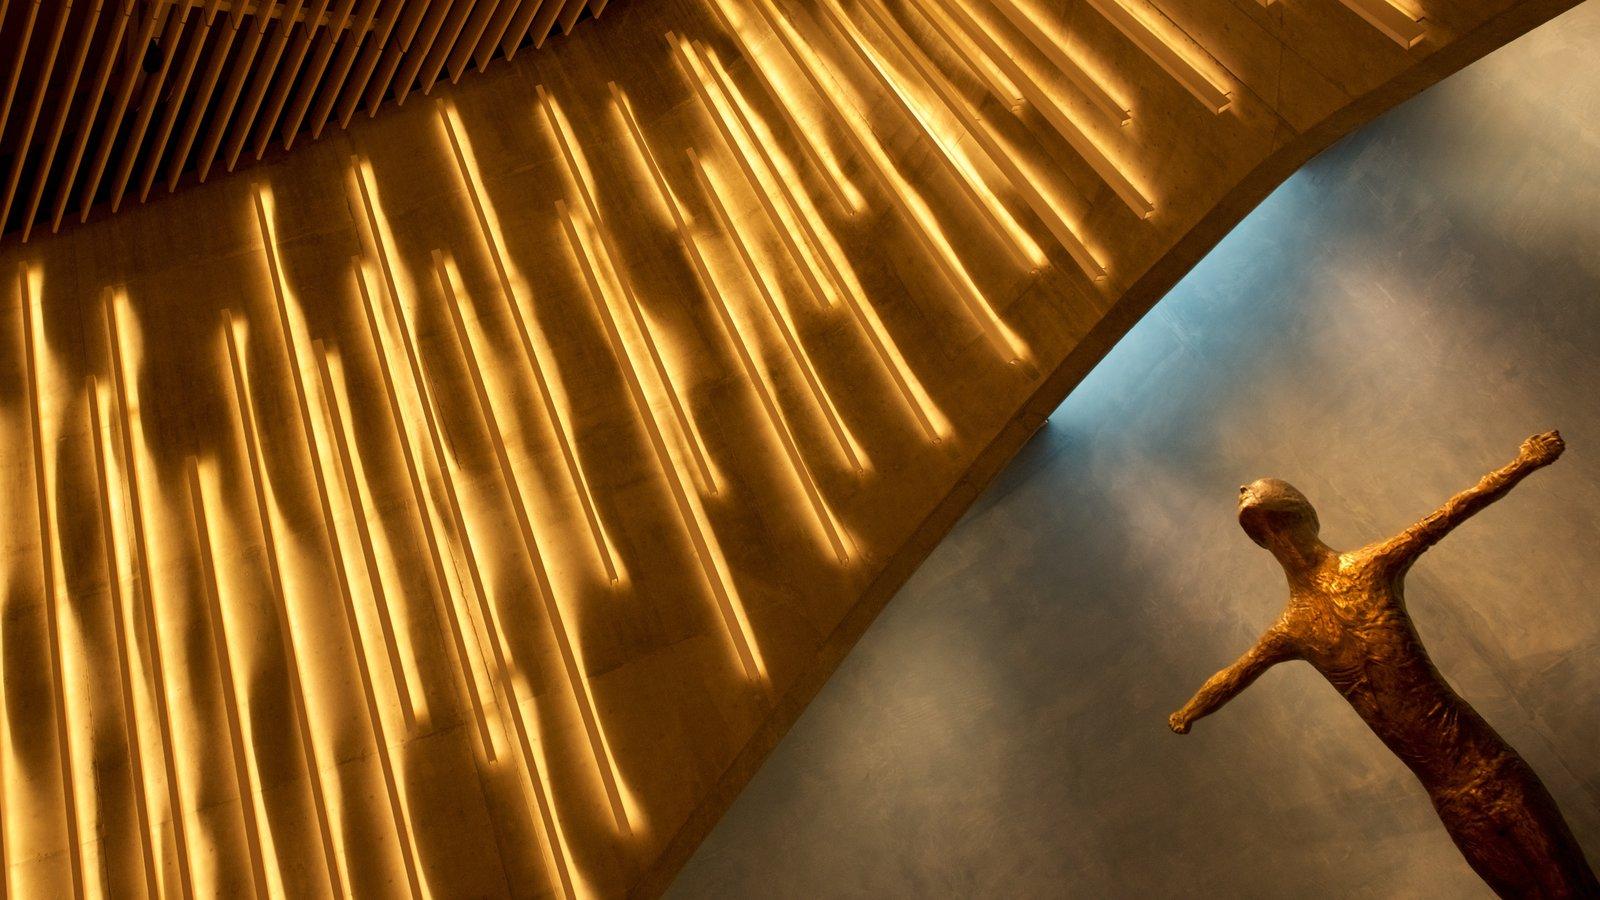 Alta mostrando vistas interiores y arquitectura moderna